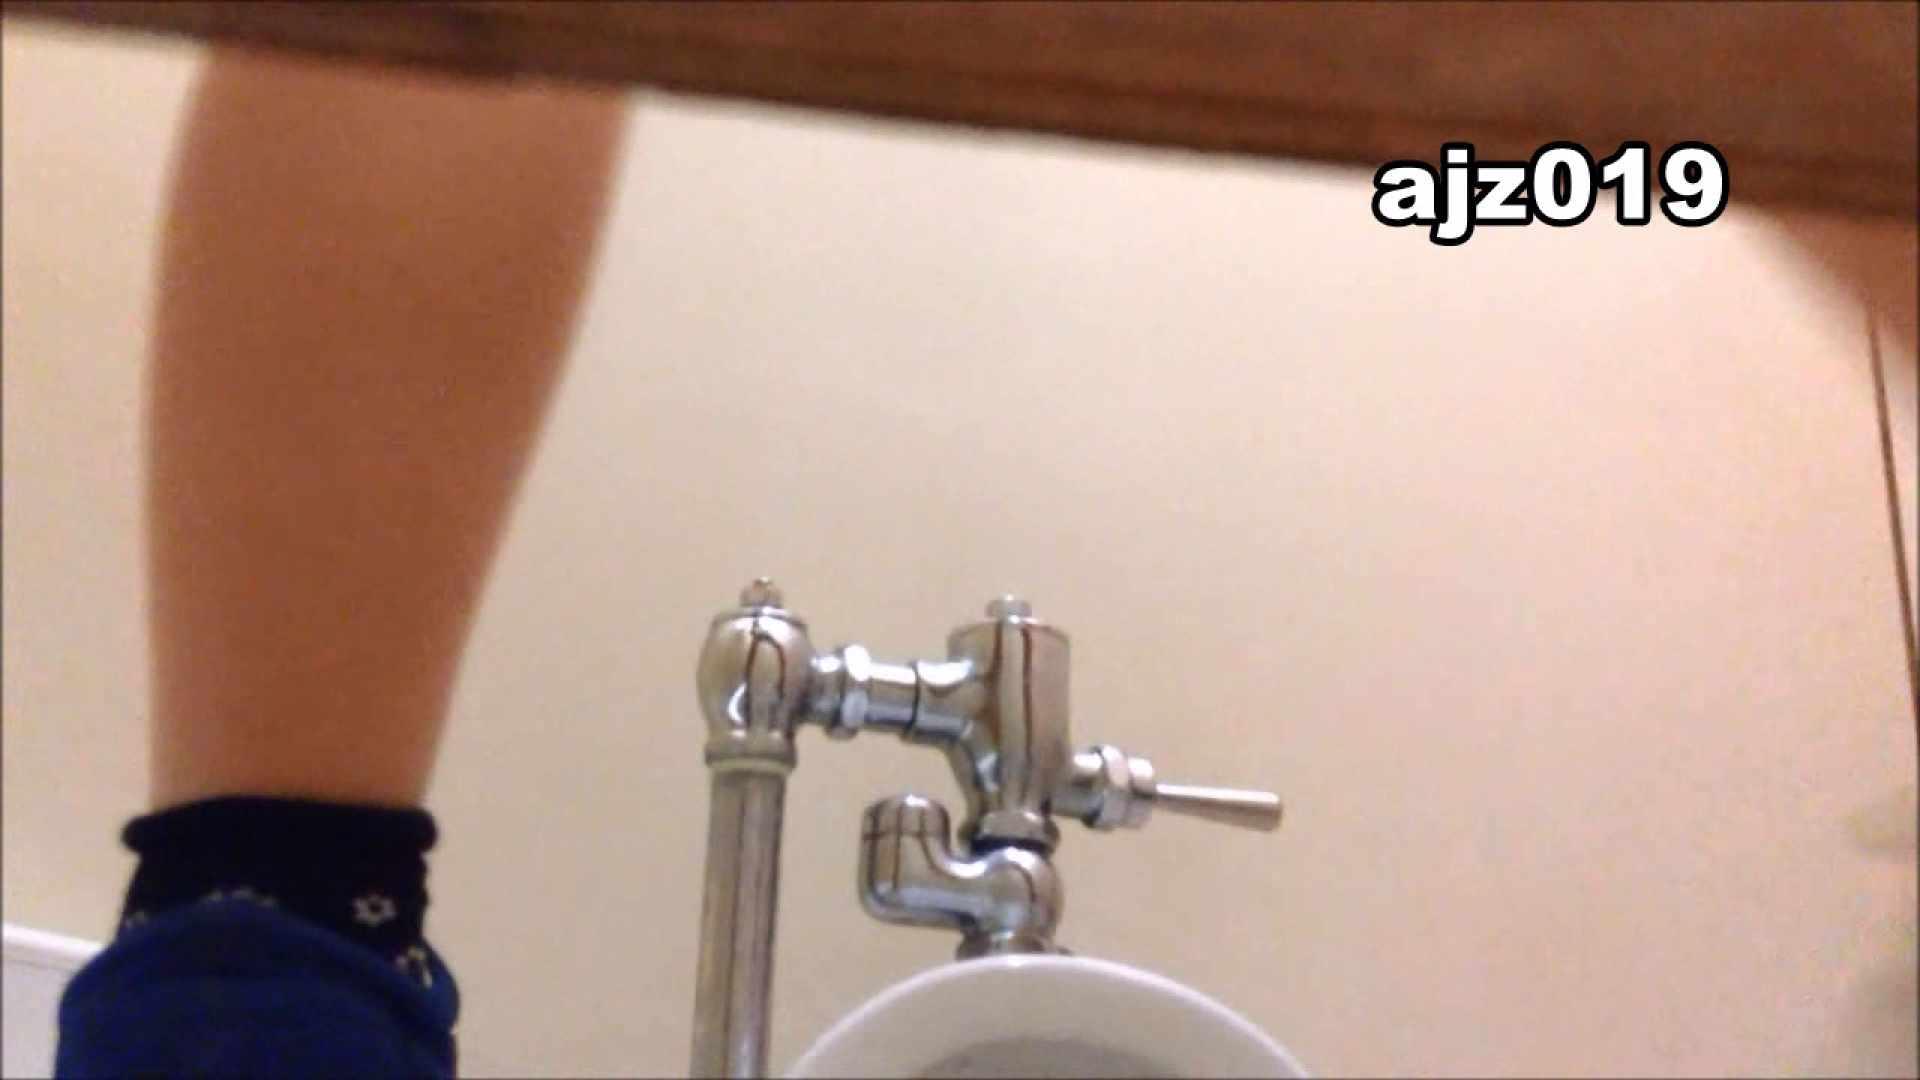 某有名大学女性洗面所 vol.19 和式 ヌード画像 83pic 64